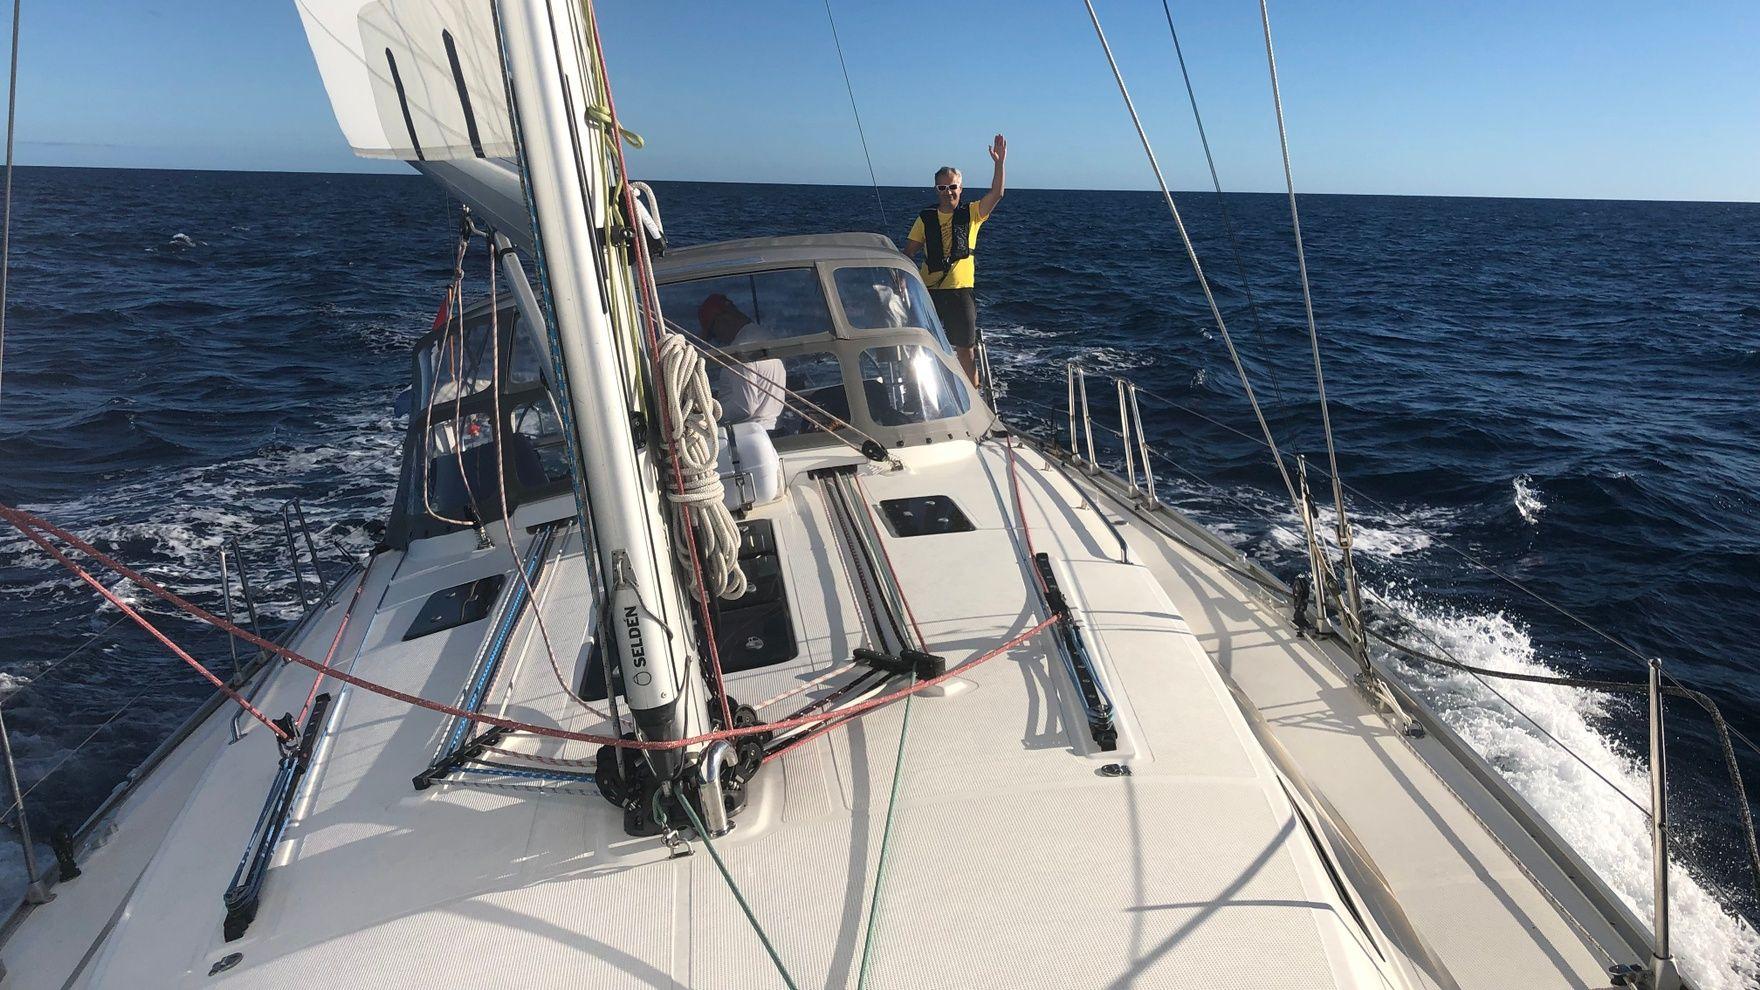 Канары. 4 острова Тенерифе - Ла Гомера - Ла Пальма - Иерро за 10 дней. 310 nm